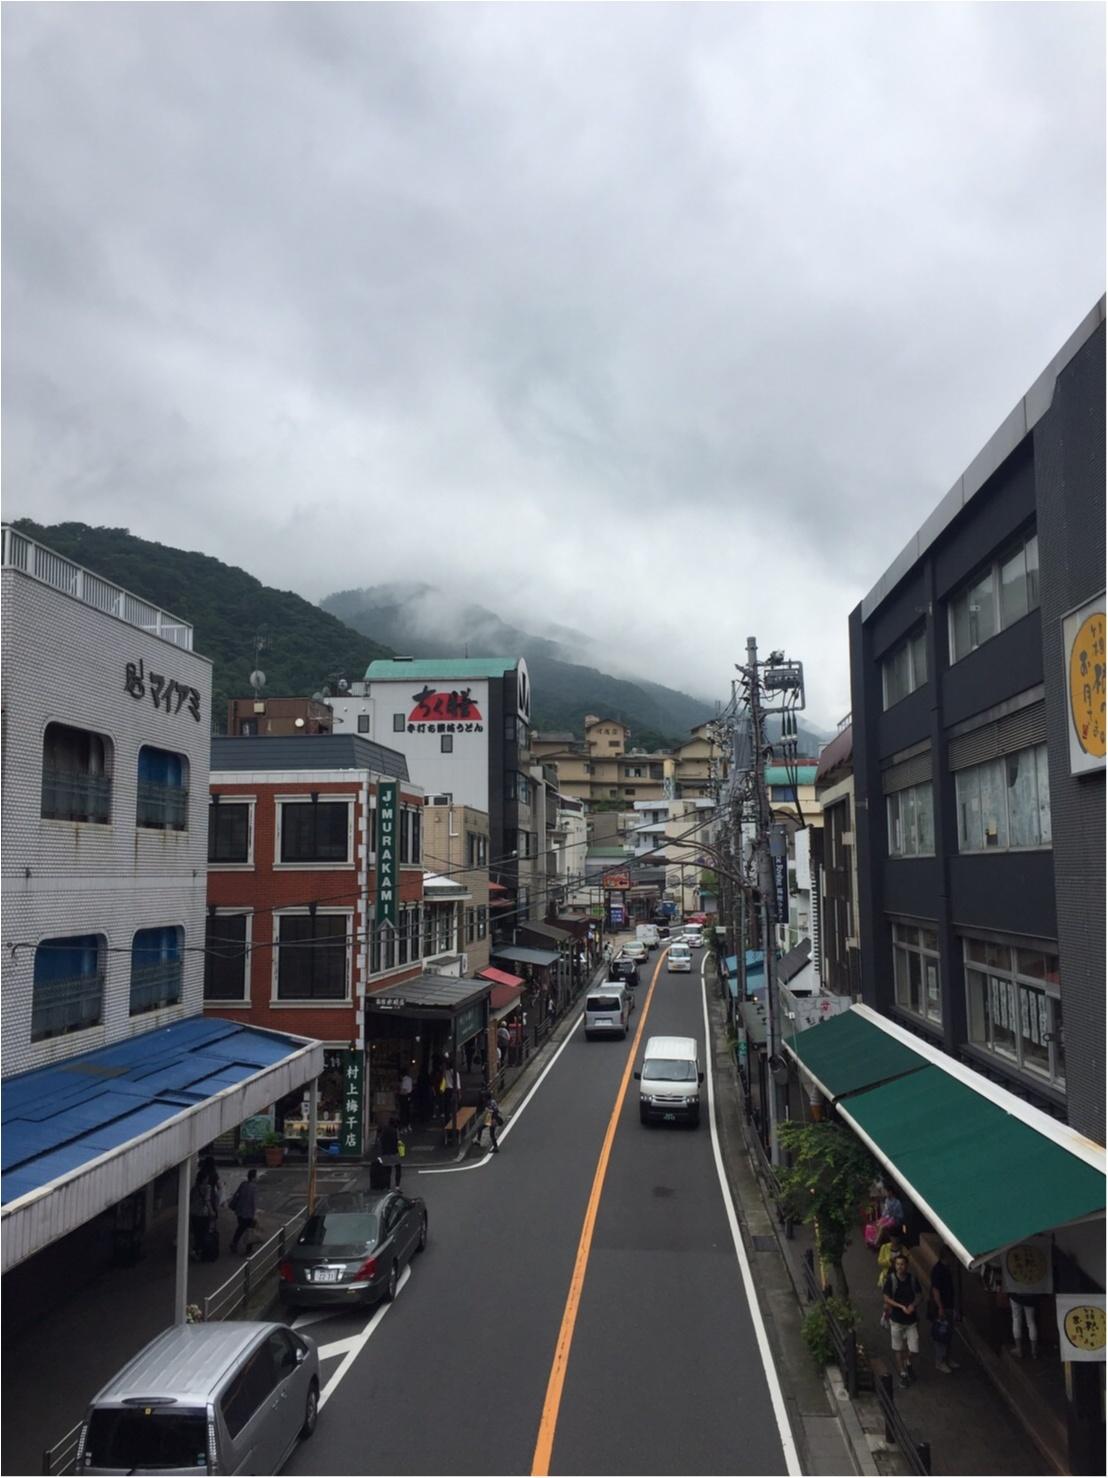 【箱根旅】箱根湯本駅から徒歩1分❤︎アートなお蕎麦屋さんで腹ごしらえ☺︎_2